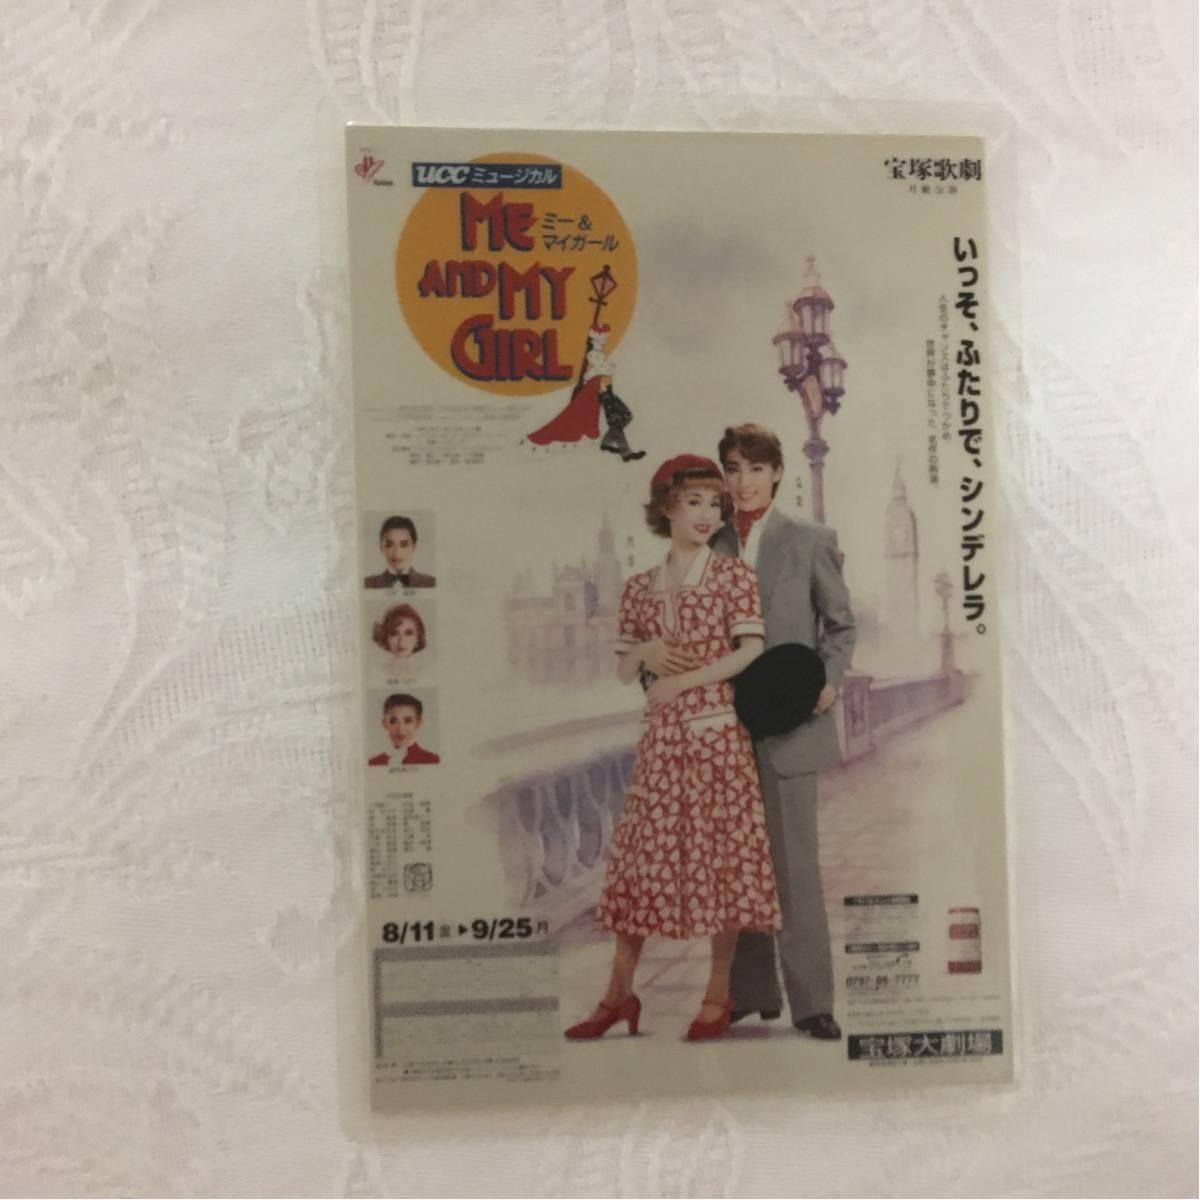 宝塚月組 ME AND MY GIRL コレクションカード 天海祐希さん